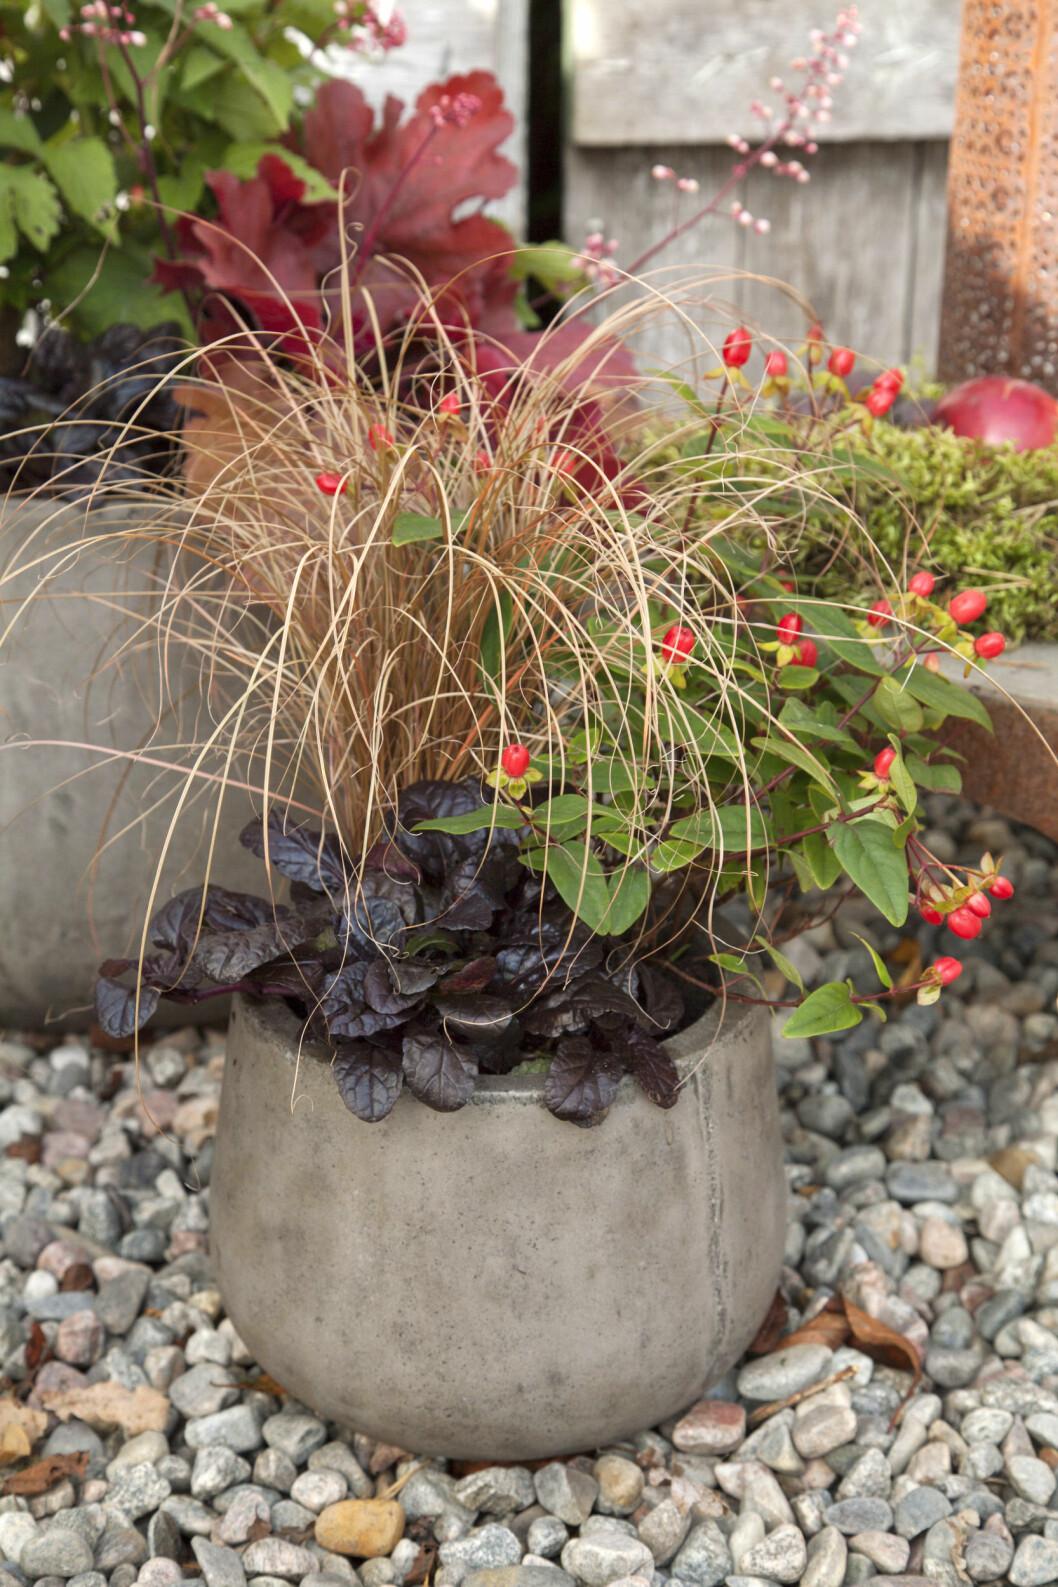 Revsugan 'Braunherz' mörka blad täcker jorden och bildar bas för bronsstarr och bärhyperikum.